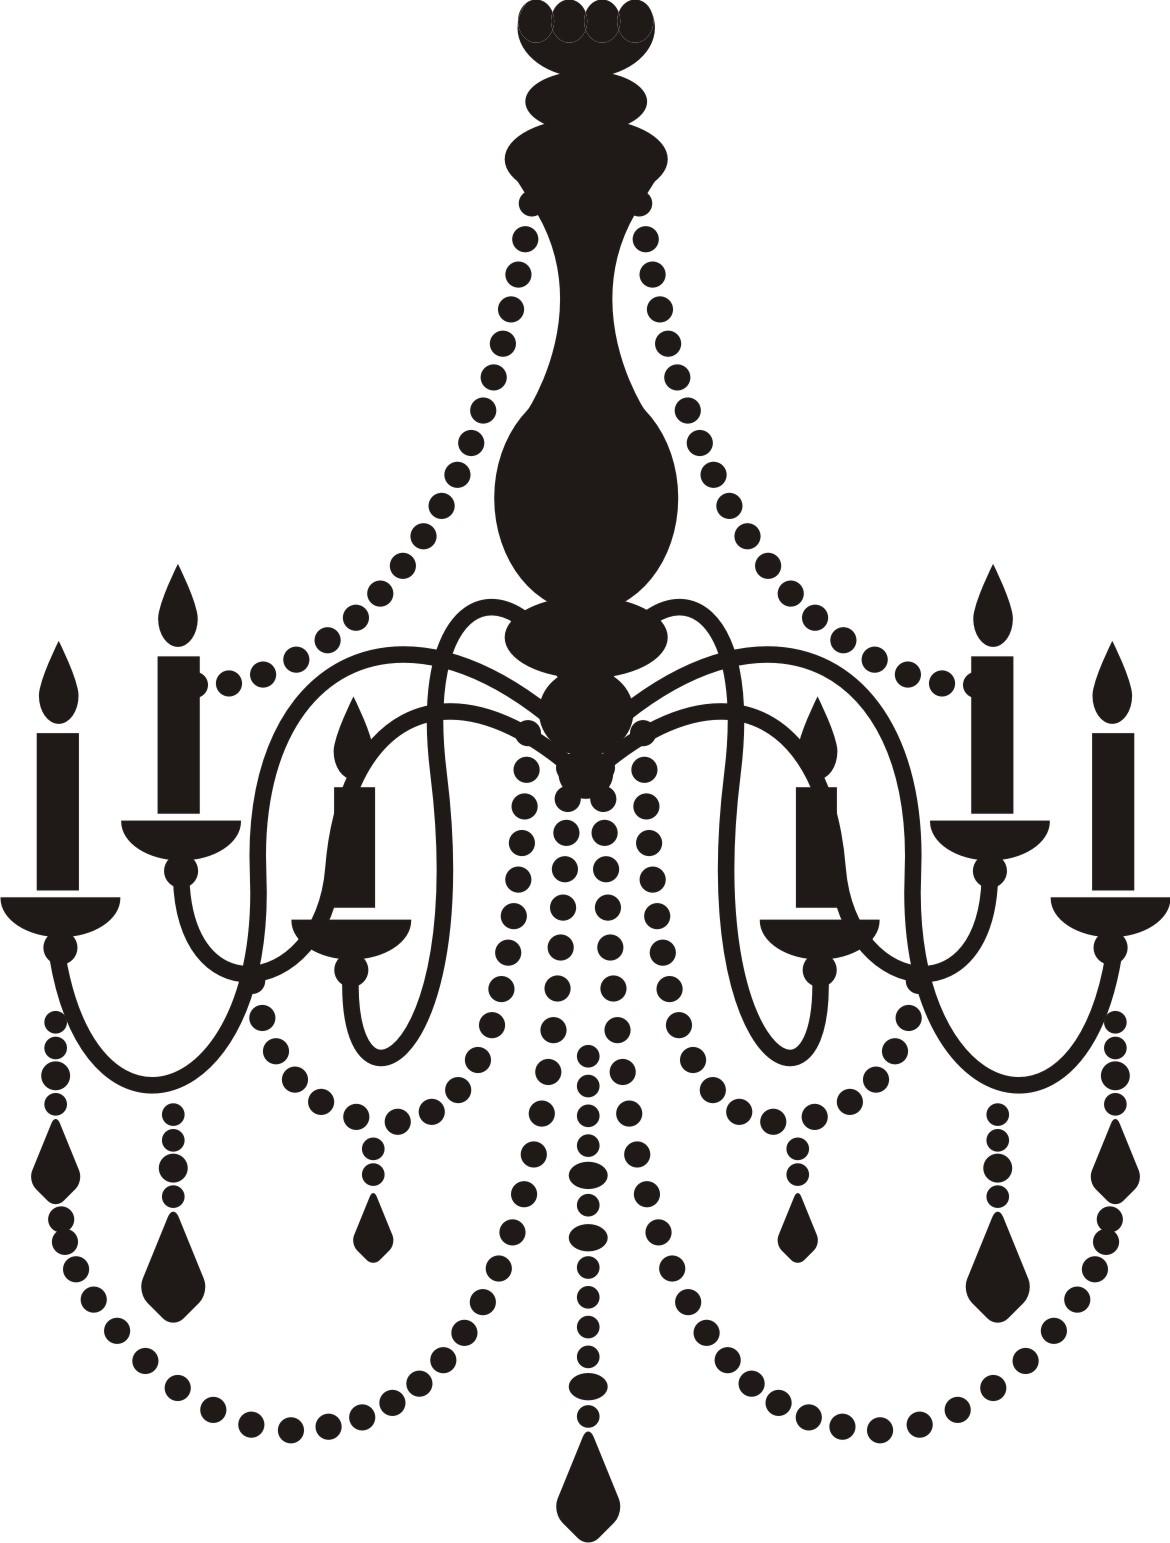 Chandelier Silhouette Clip Art Free